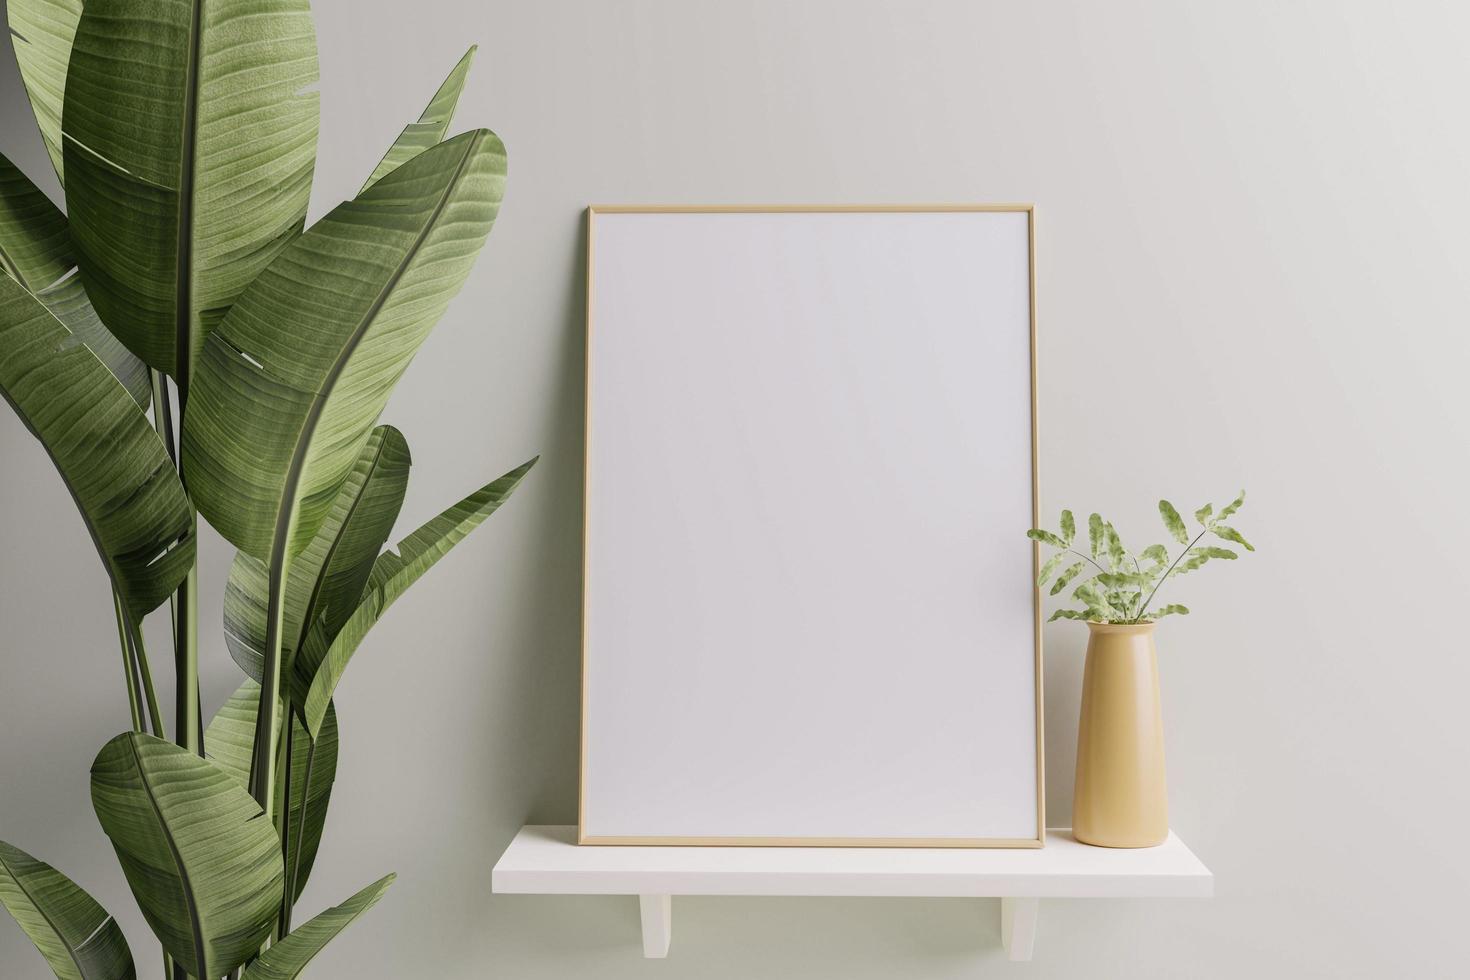 fotolijst geplaatst op de plank met bloempotten. foto